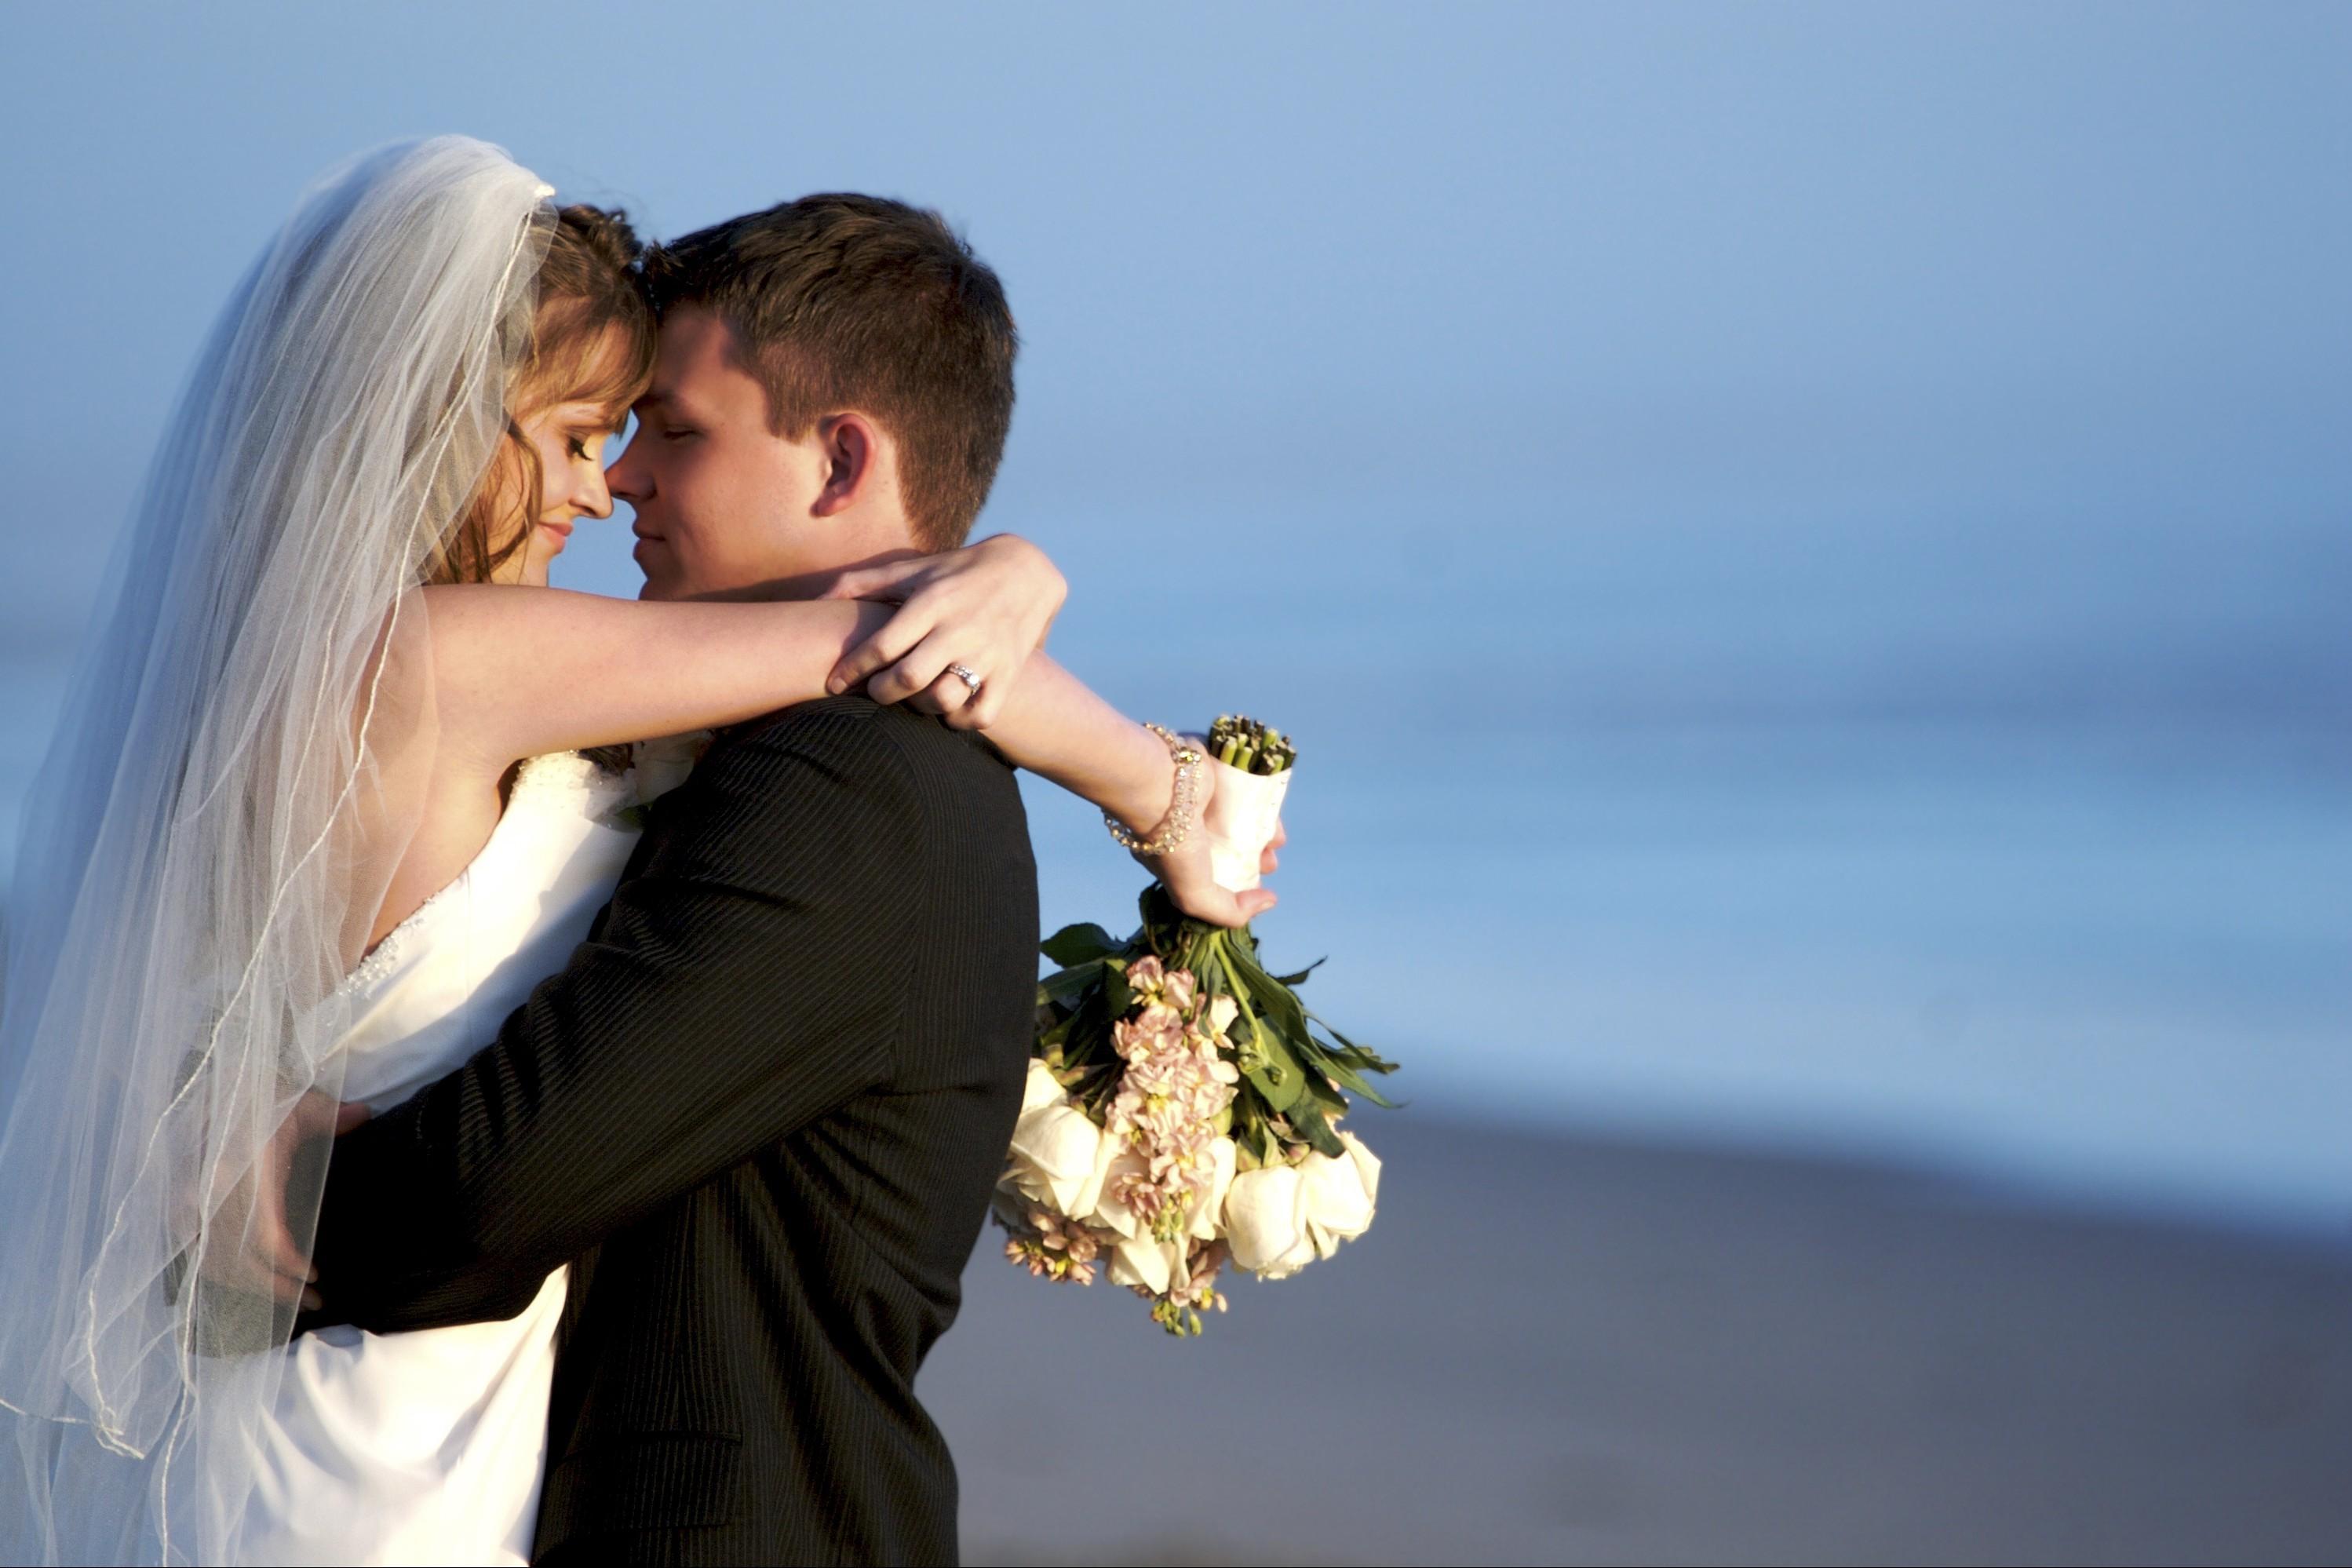 Matrimonio In Fotografia : El matrimonio está en alza — fmdos